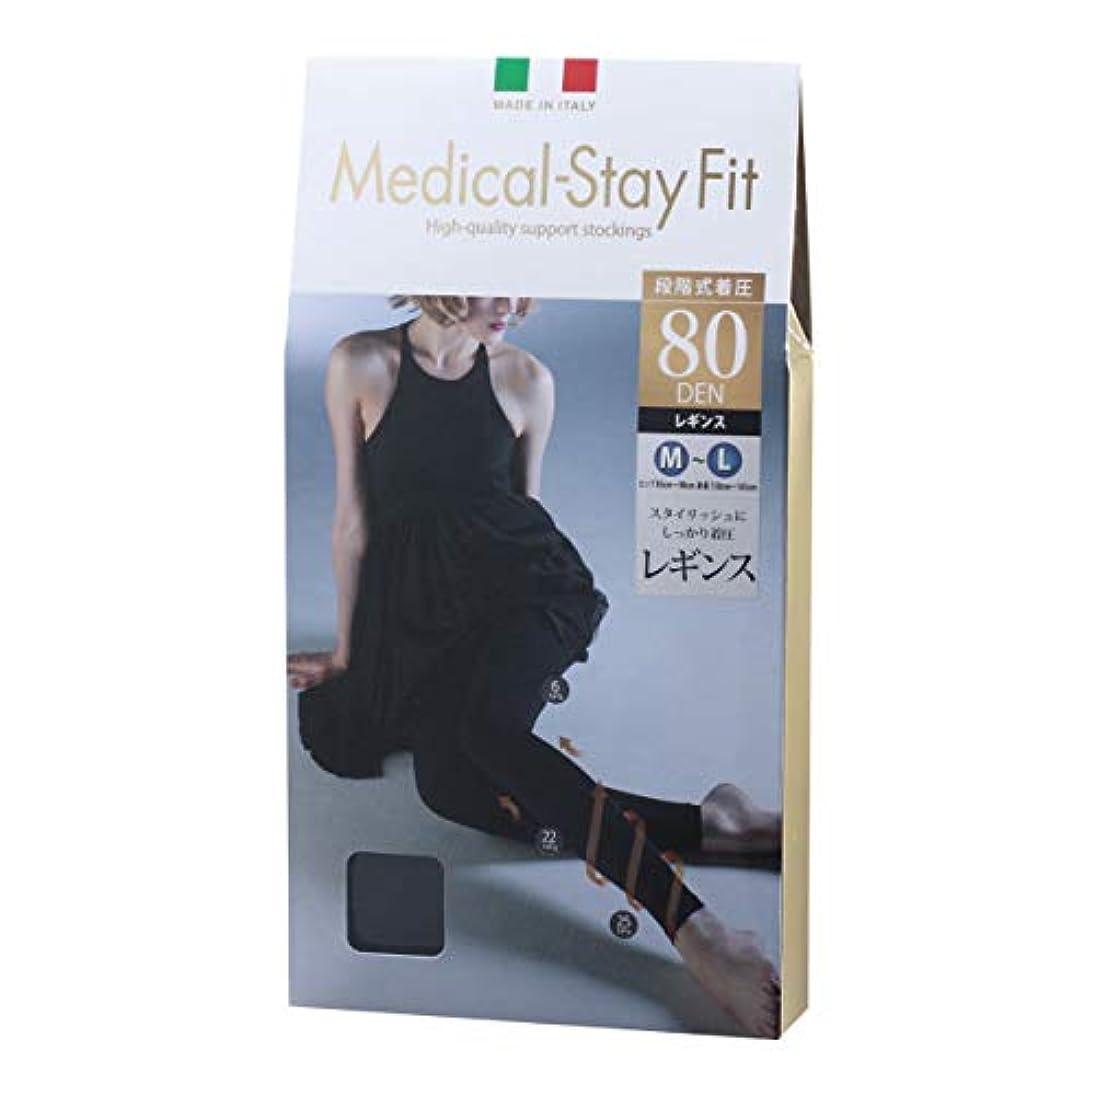 化学薬品ピーク故意の【メディカル ステイフィット】着圧レギンス 80デニール ブラック (M-L) イタリア製 Medical-Stay Fit